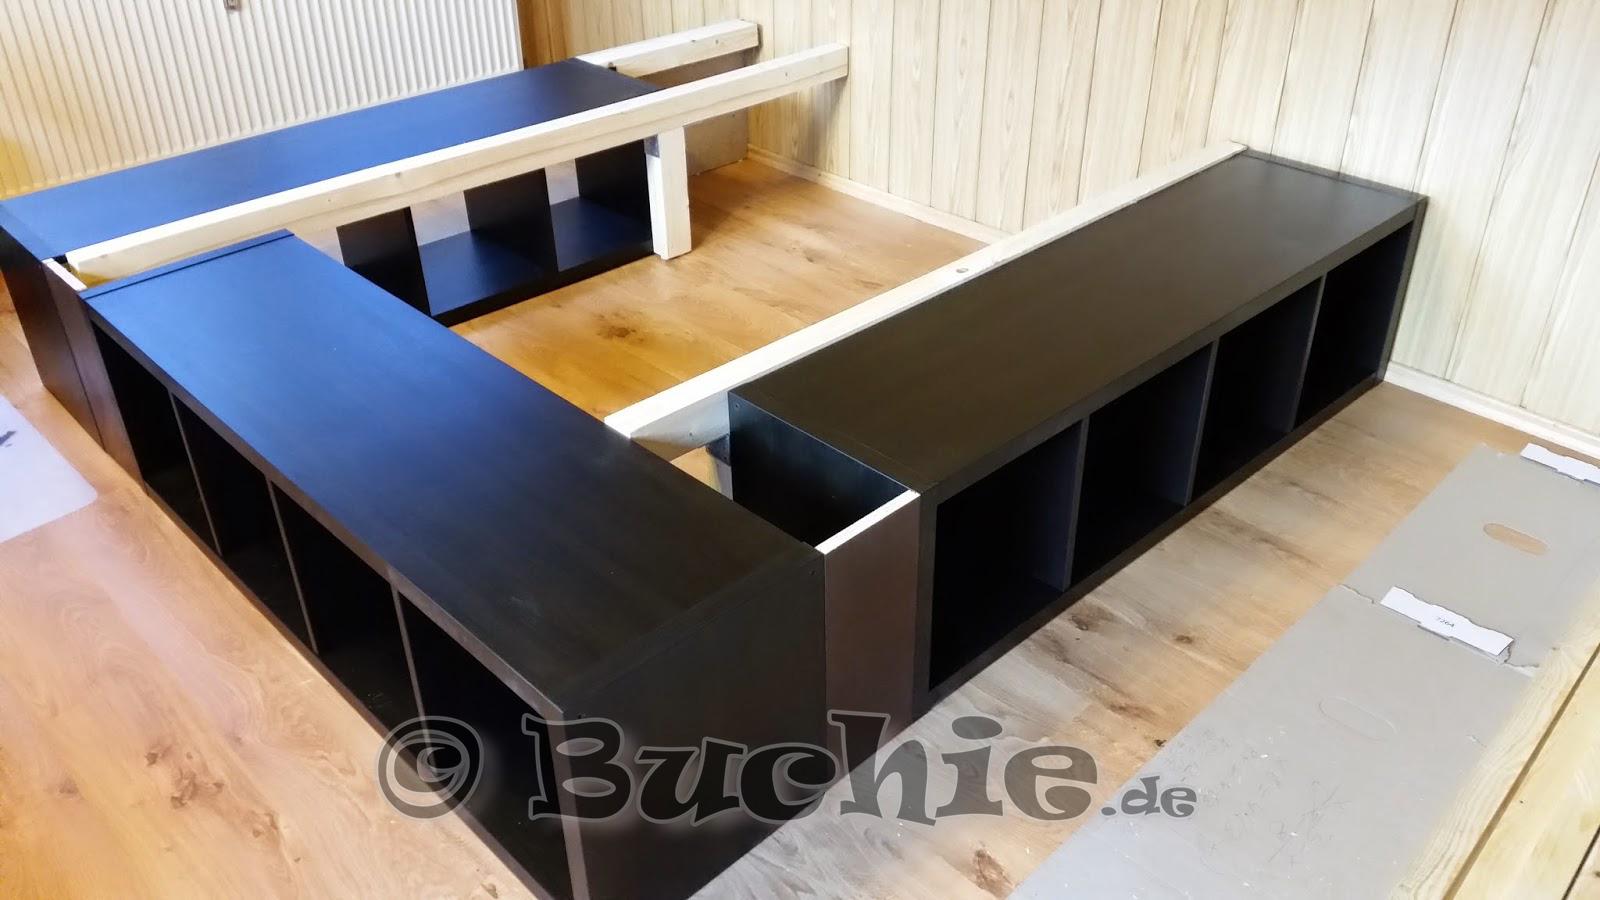 Ikea Hack - so wird aus Kallax Regalen ein Bett - Buchie.de